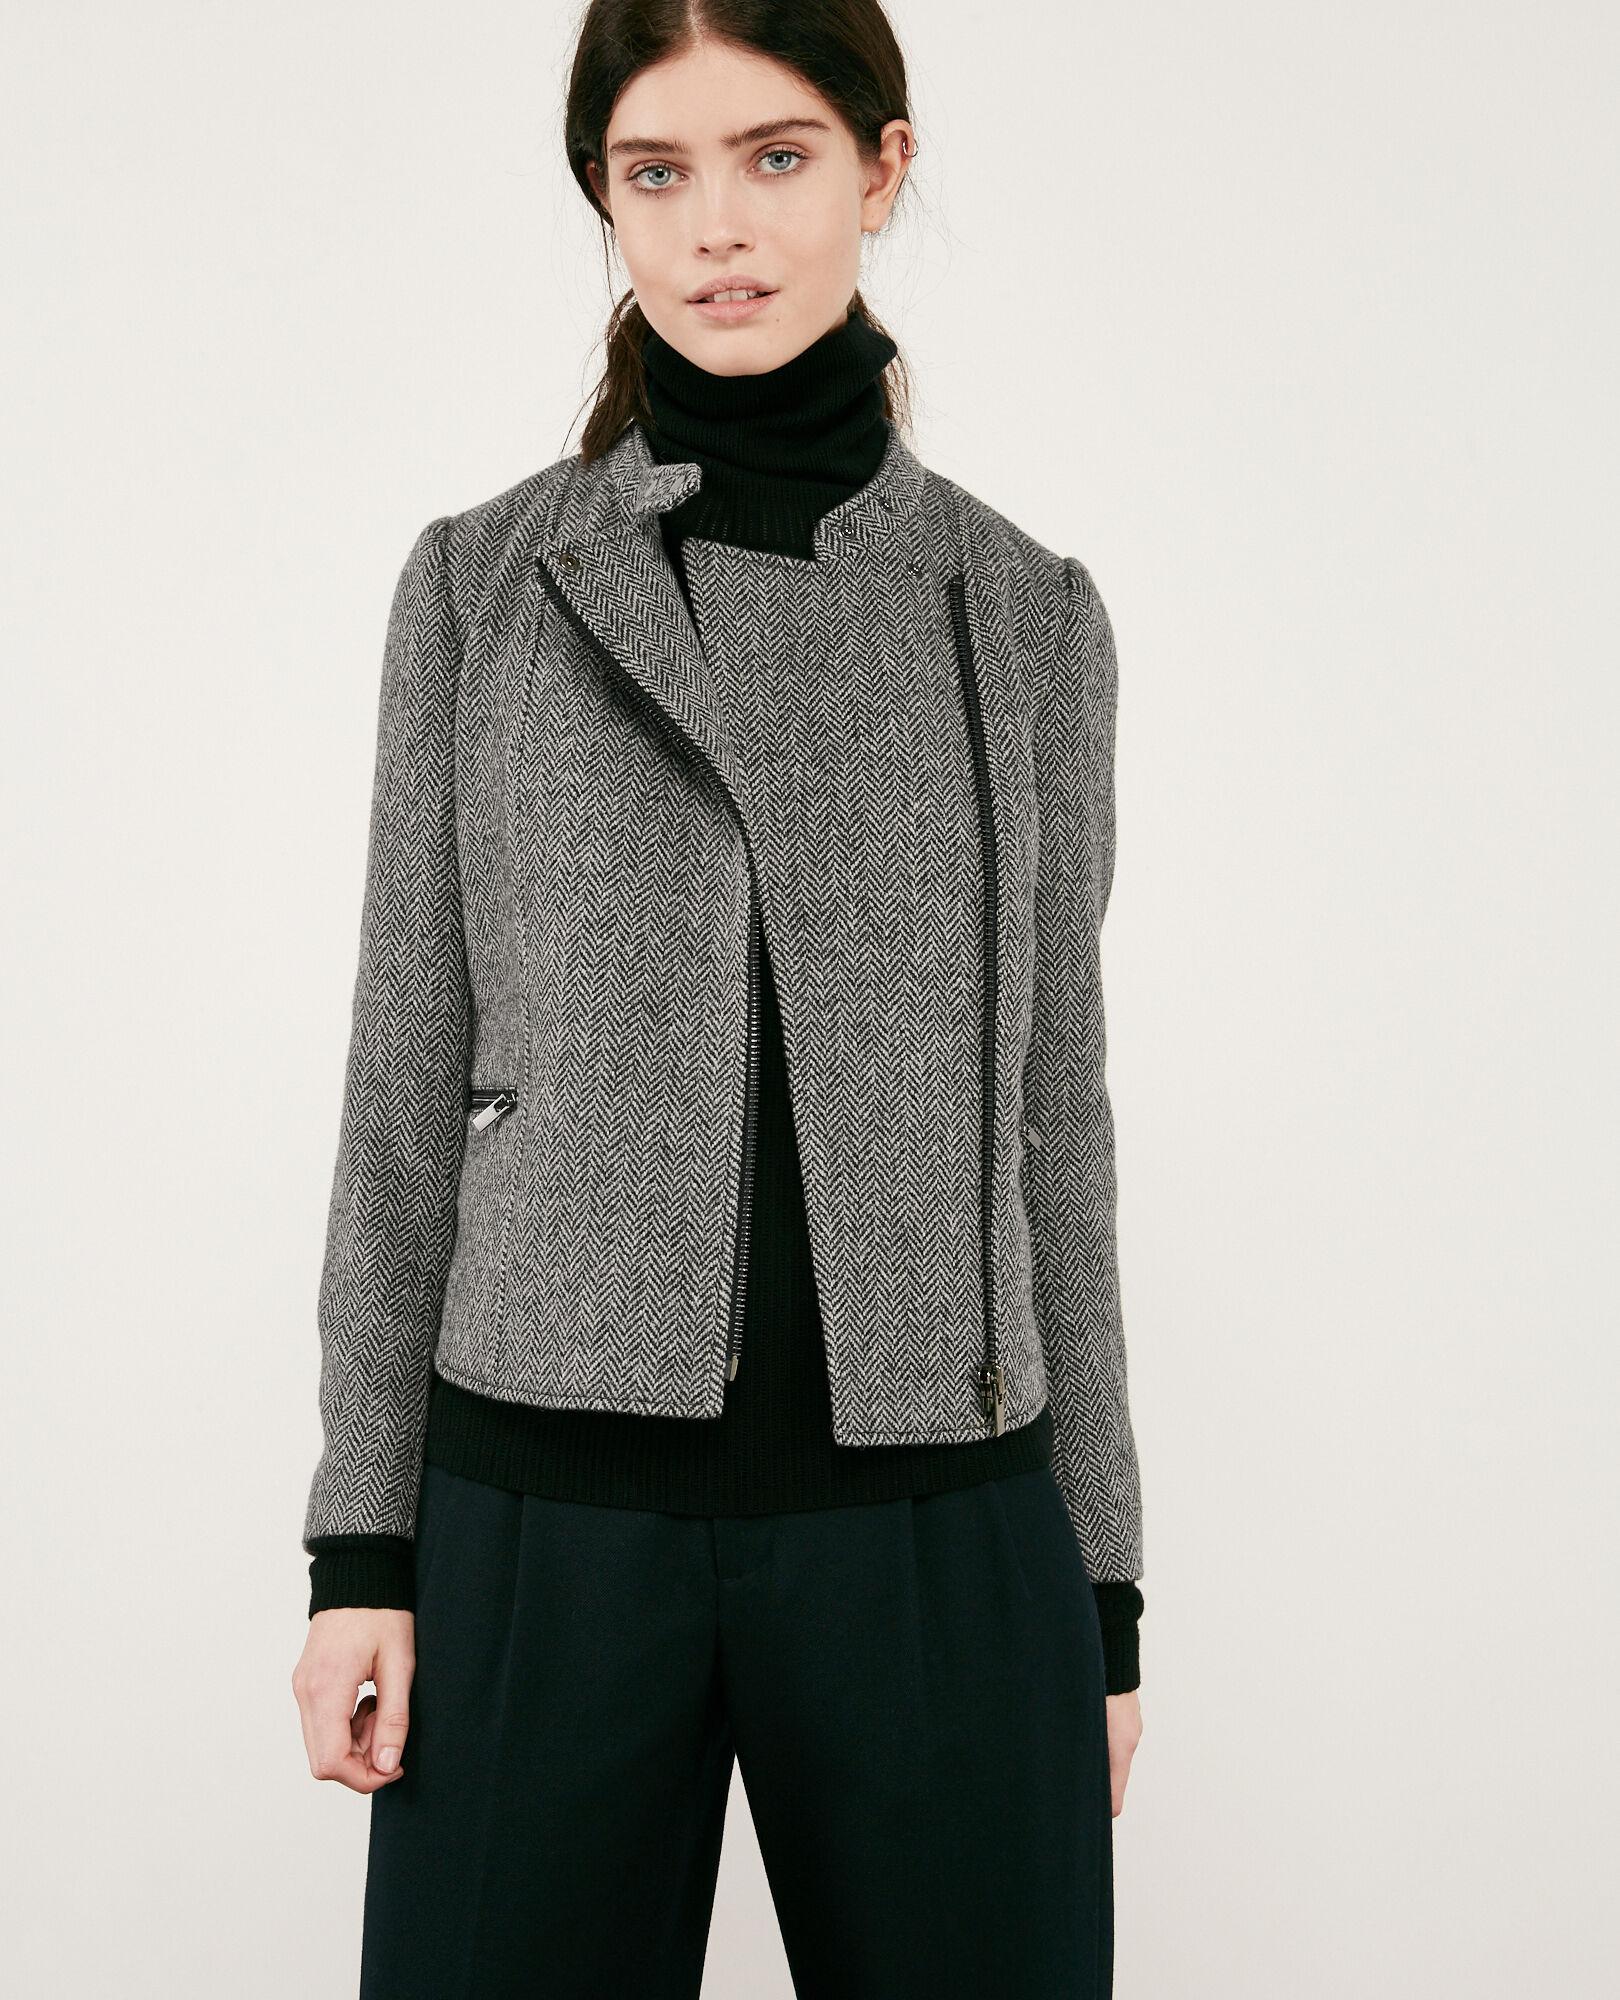 Manteau femme taille xxl